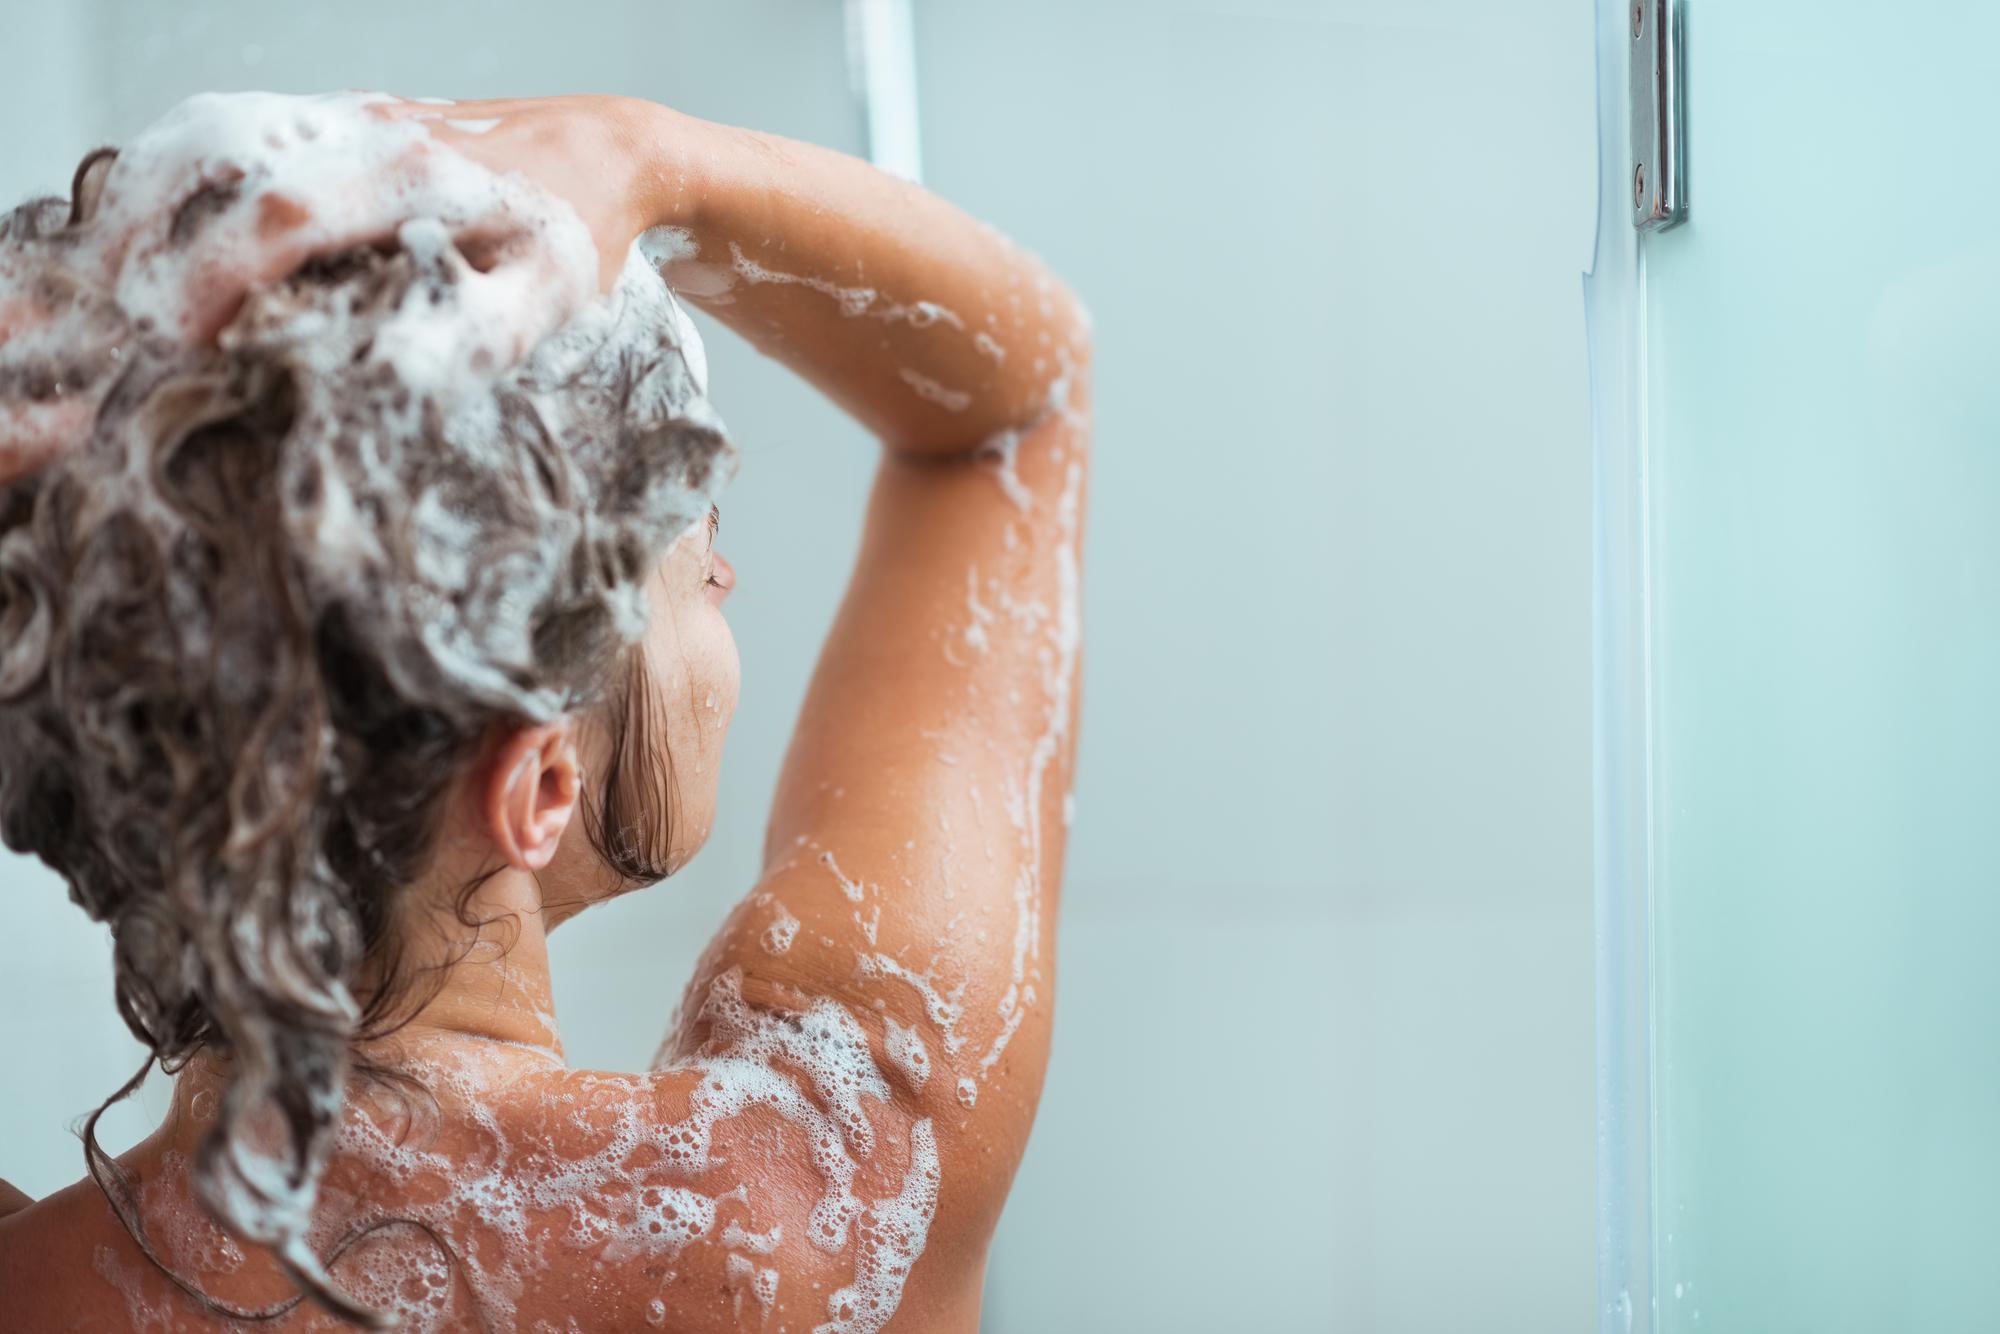 【おすすめ】薄毛にお悩みの30代女性に合うシャンプーを厳選!